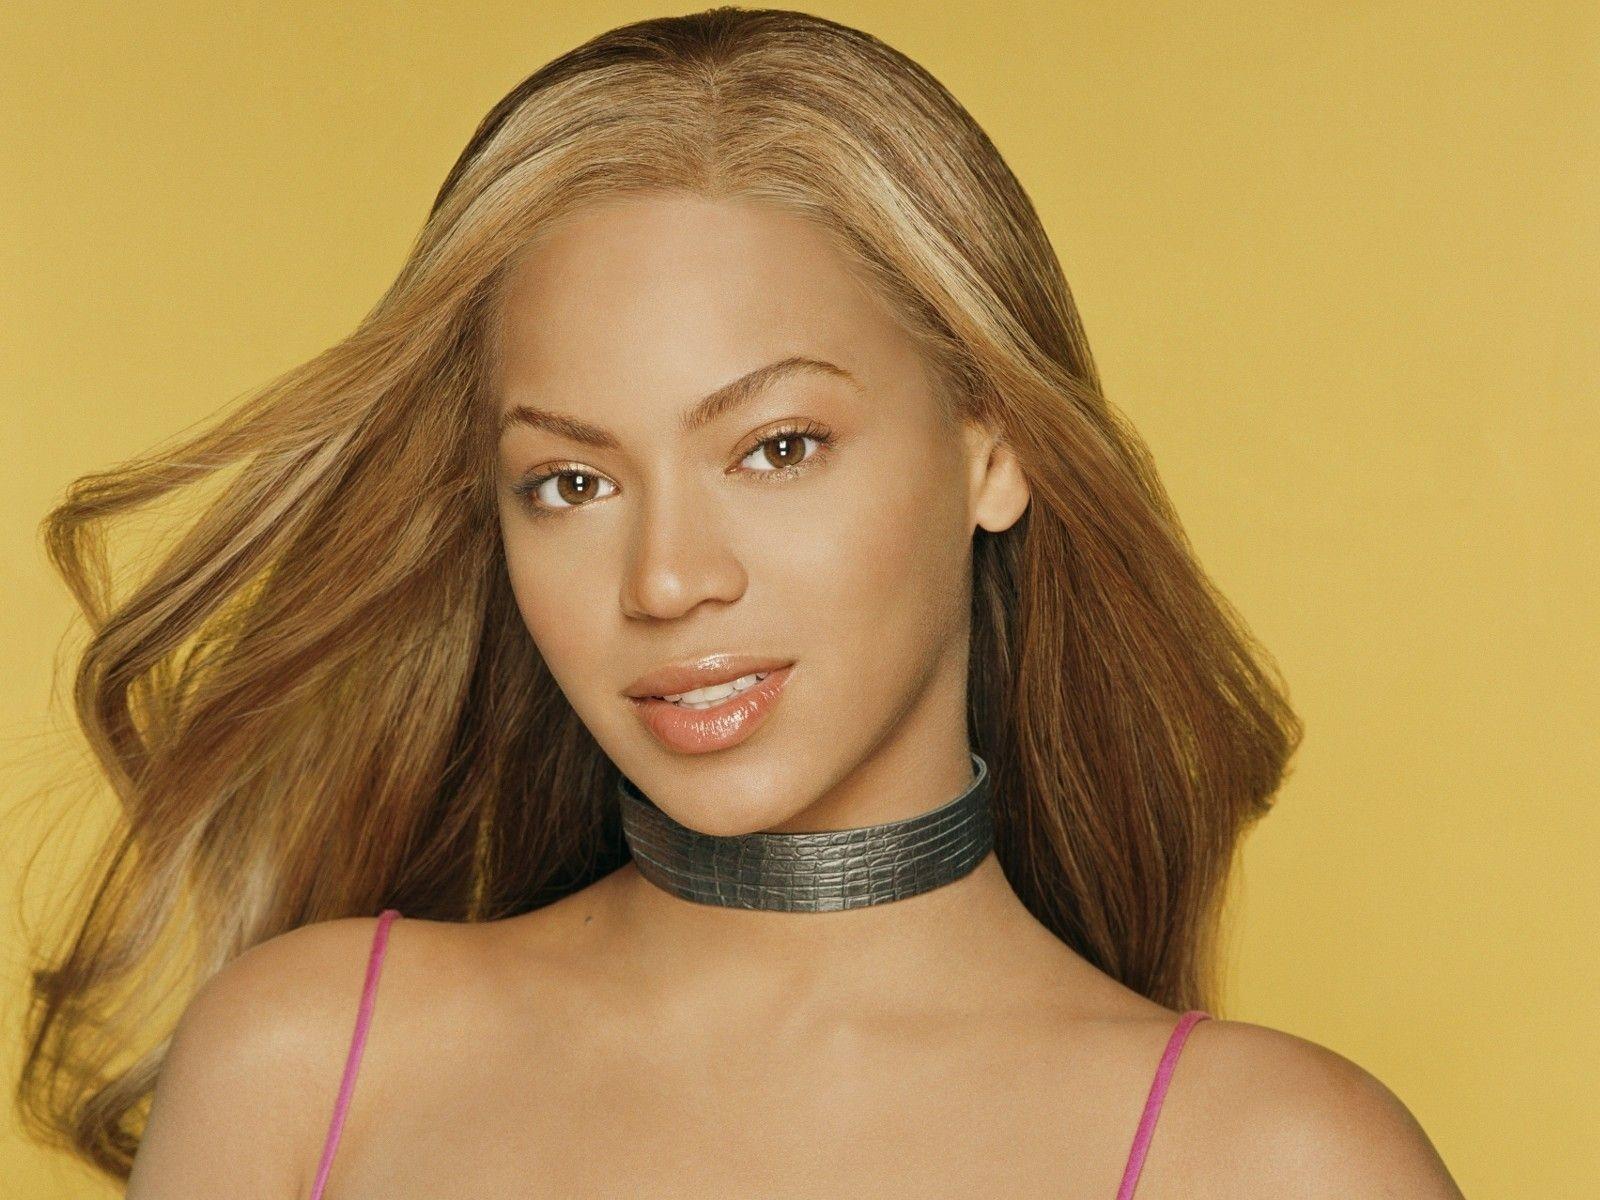 Wallpaper di Beyoncé Knowles 10